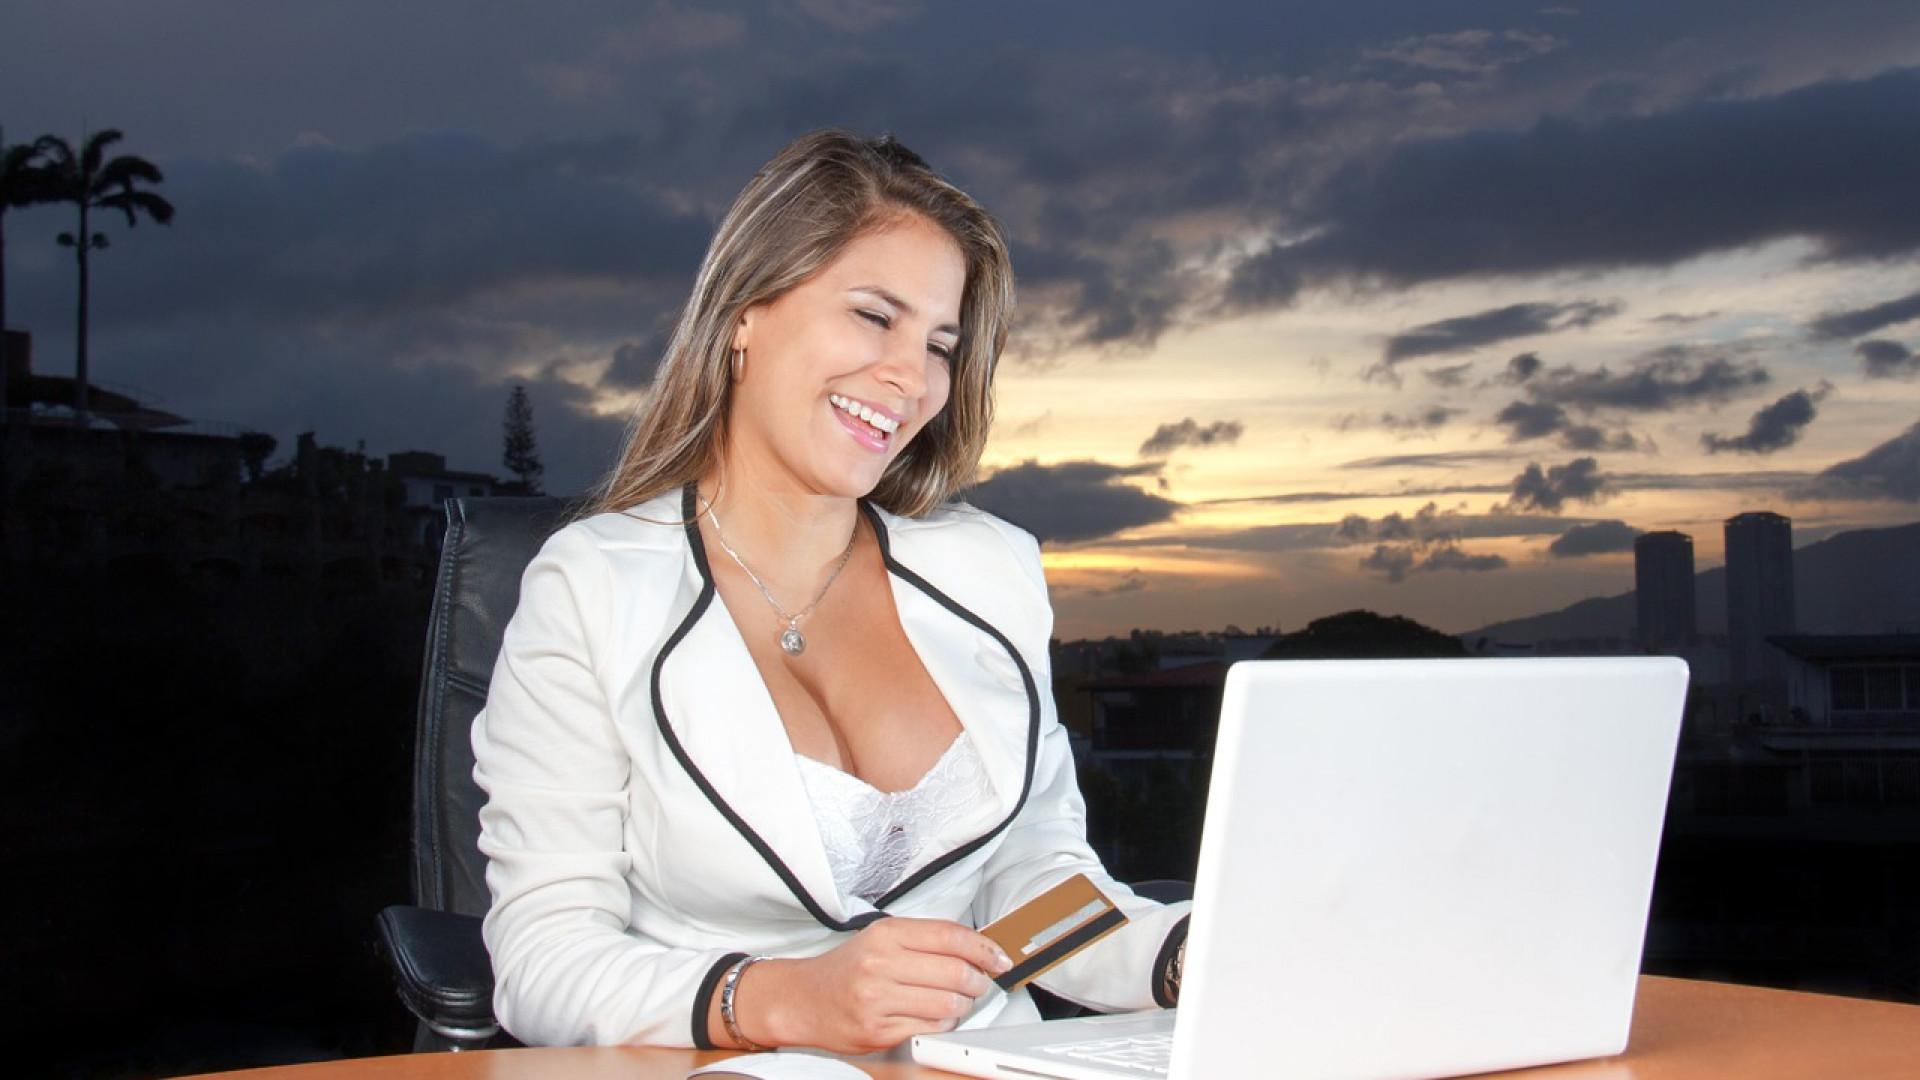 Quels sont les avantages du commerce électronique ?